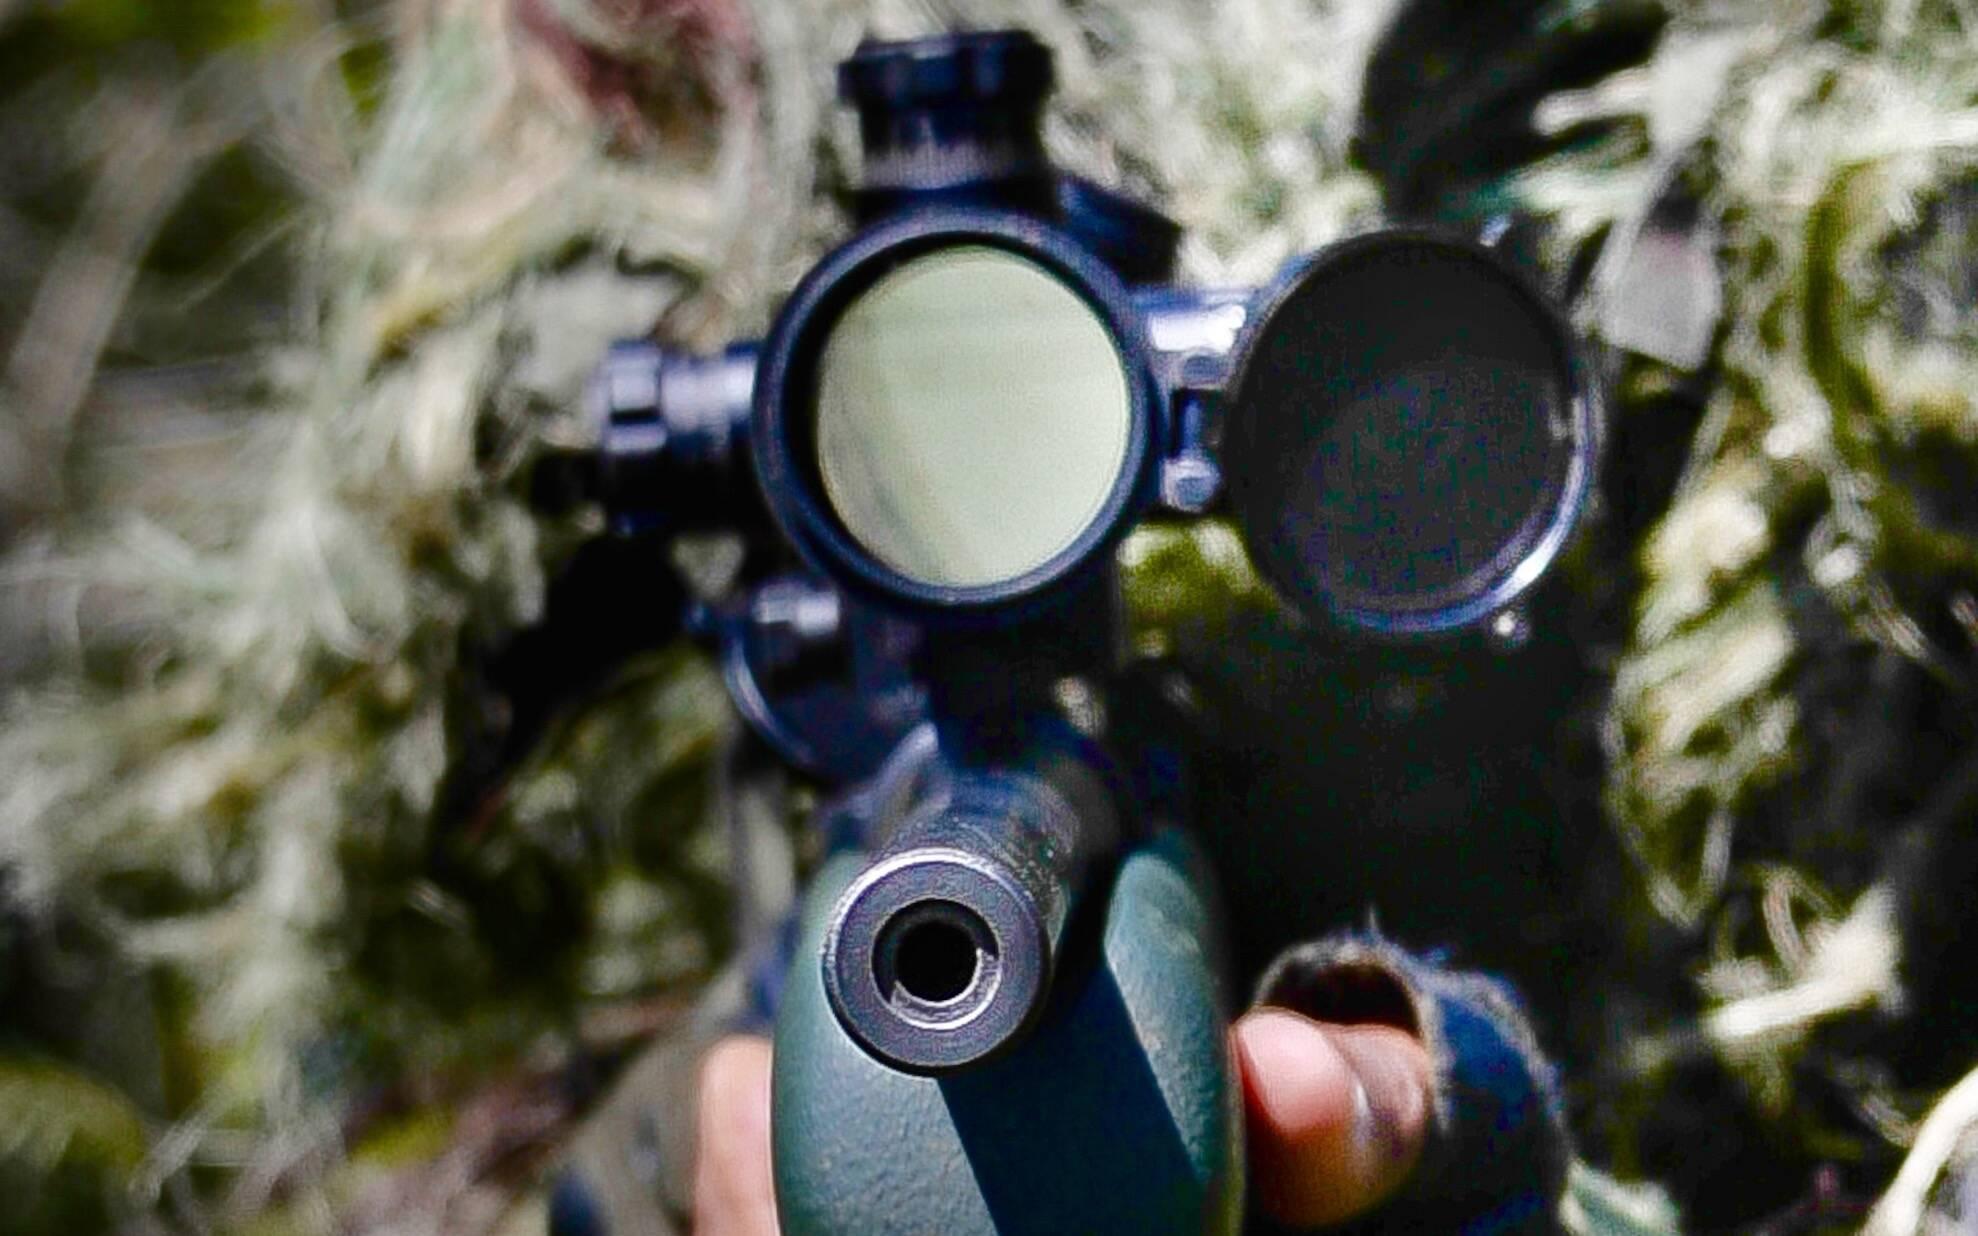 Atirador de elite do COE usando camuflagem de selva para não revelar sua posição. Esses PMs são habilitados a executar tiros de extrema precisão a distâncias superiores a meio quilometro. Foto: Major PM Luis Augusto Pacheco Ambar